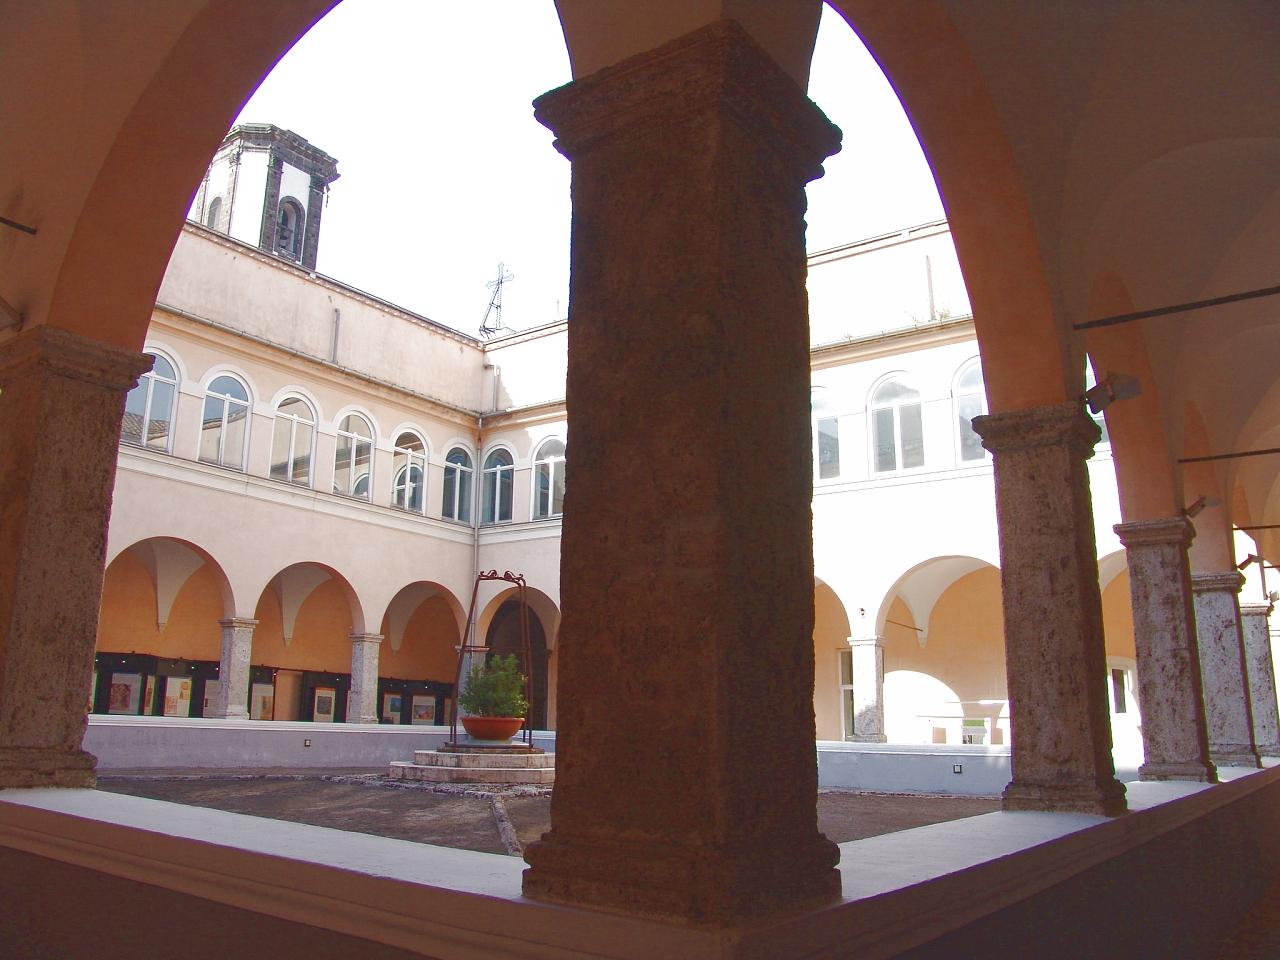 Convento degli Osservanti (interno) (convento) - Cava de' Tirreni (SA)